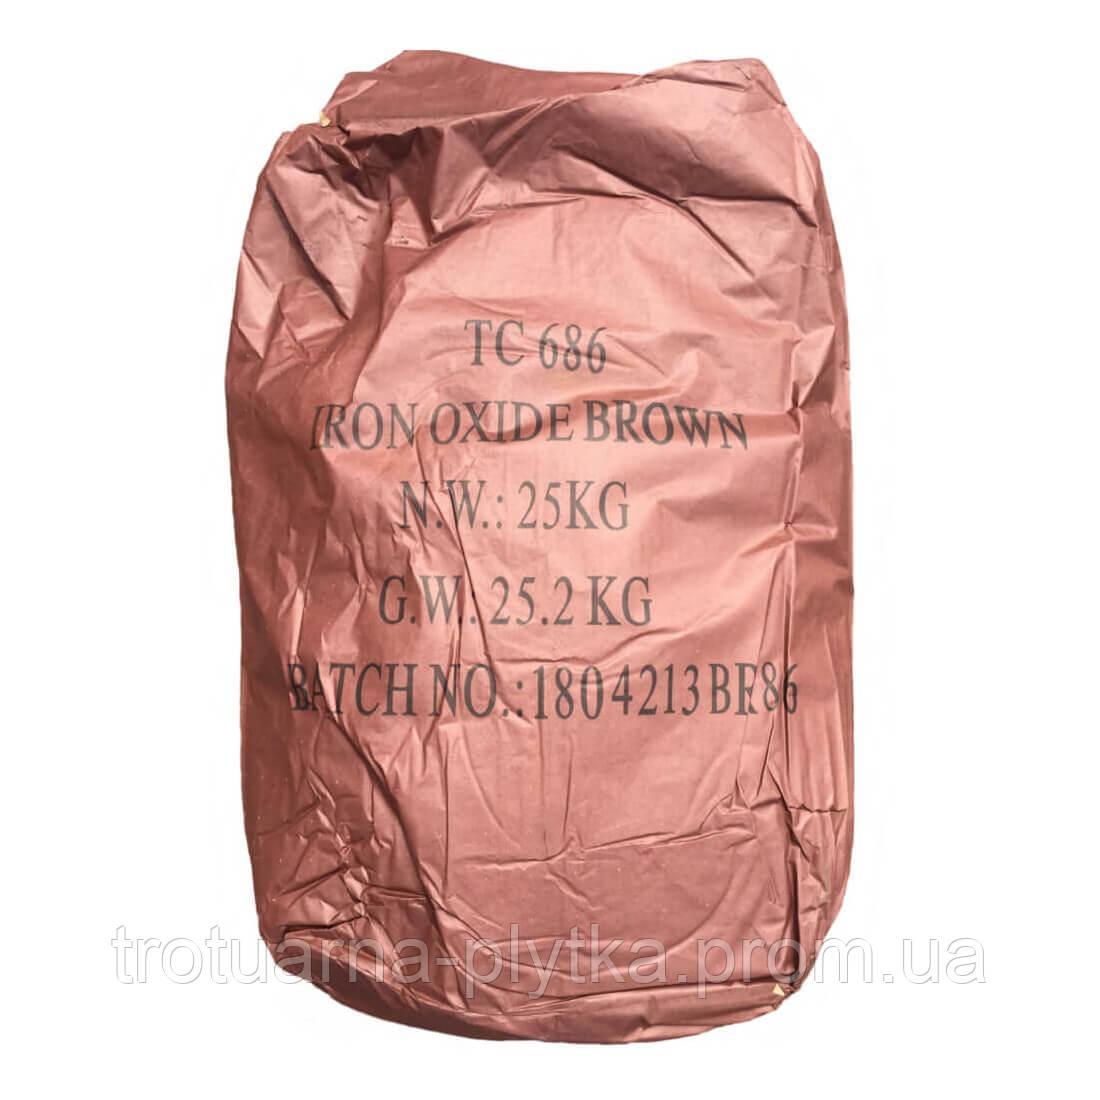 Пигмент для бетона коричневый купить классы бетонных смесей